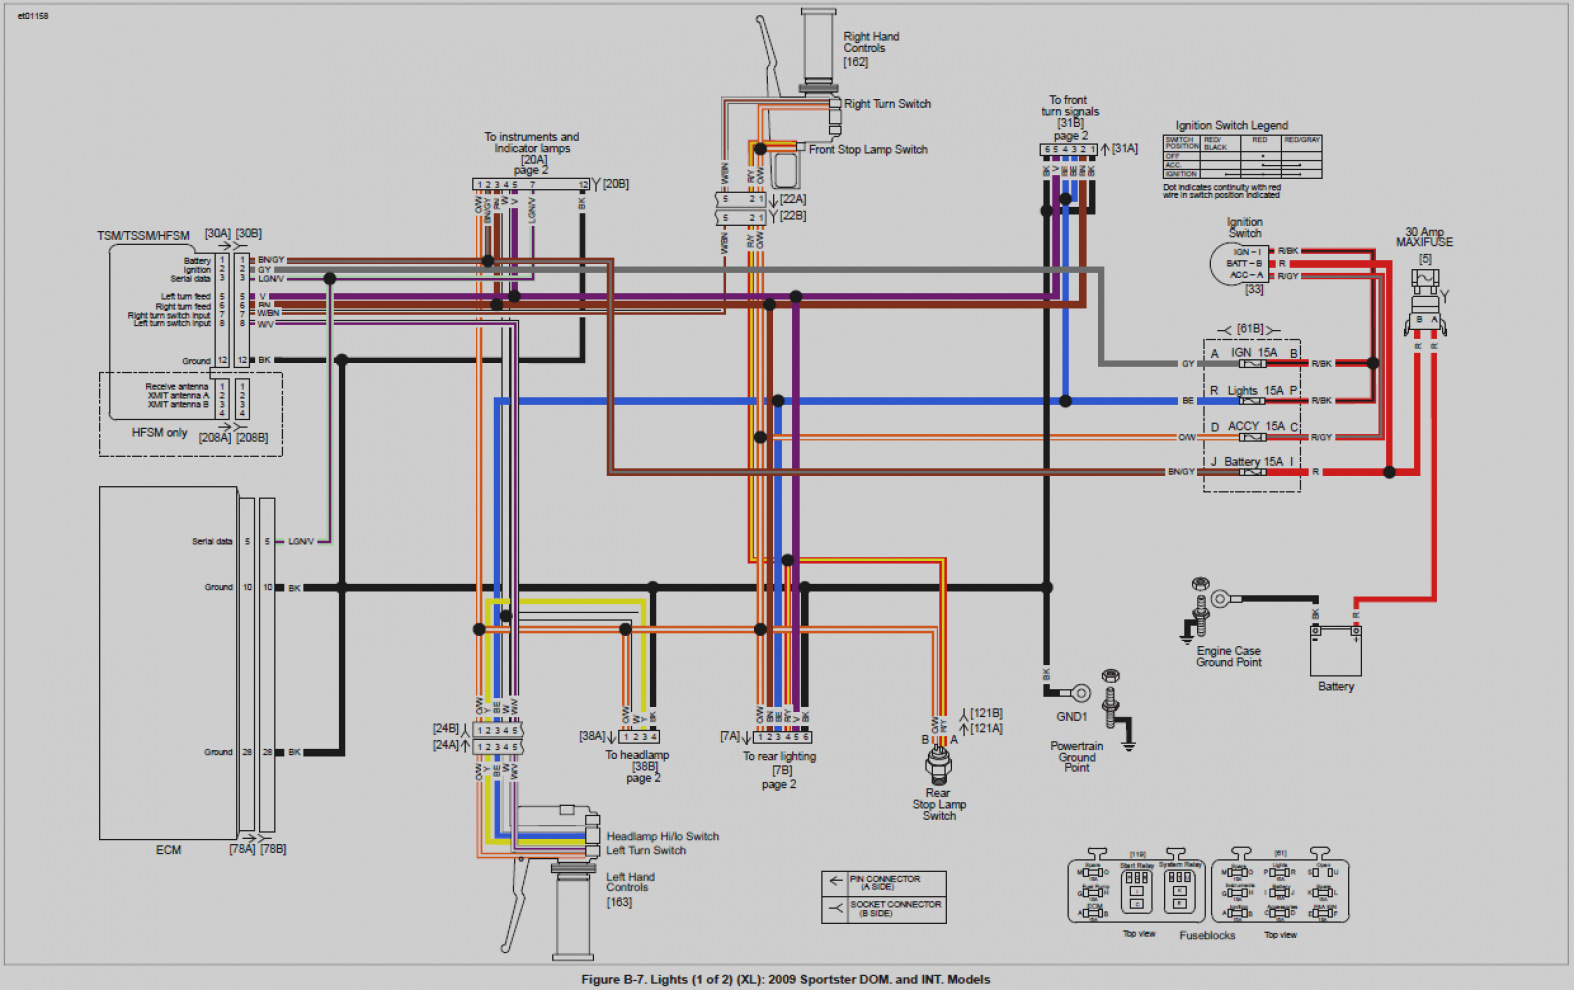 Badlands 1995 Harley Turn Signal Wiring Diagram | Wiring Diagram - Badlands Turn Signal Module Wiring Diagram